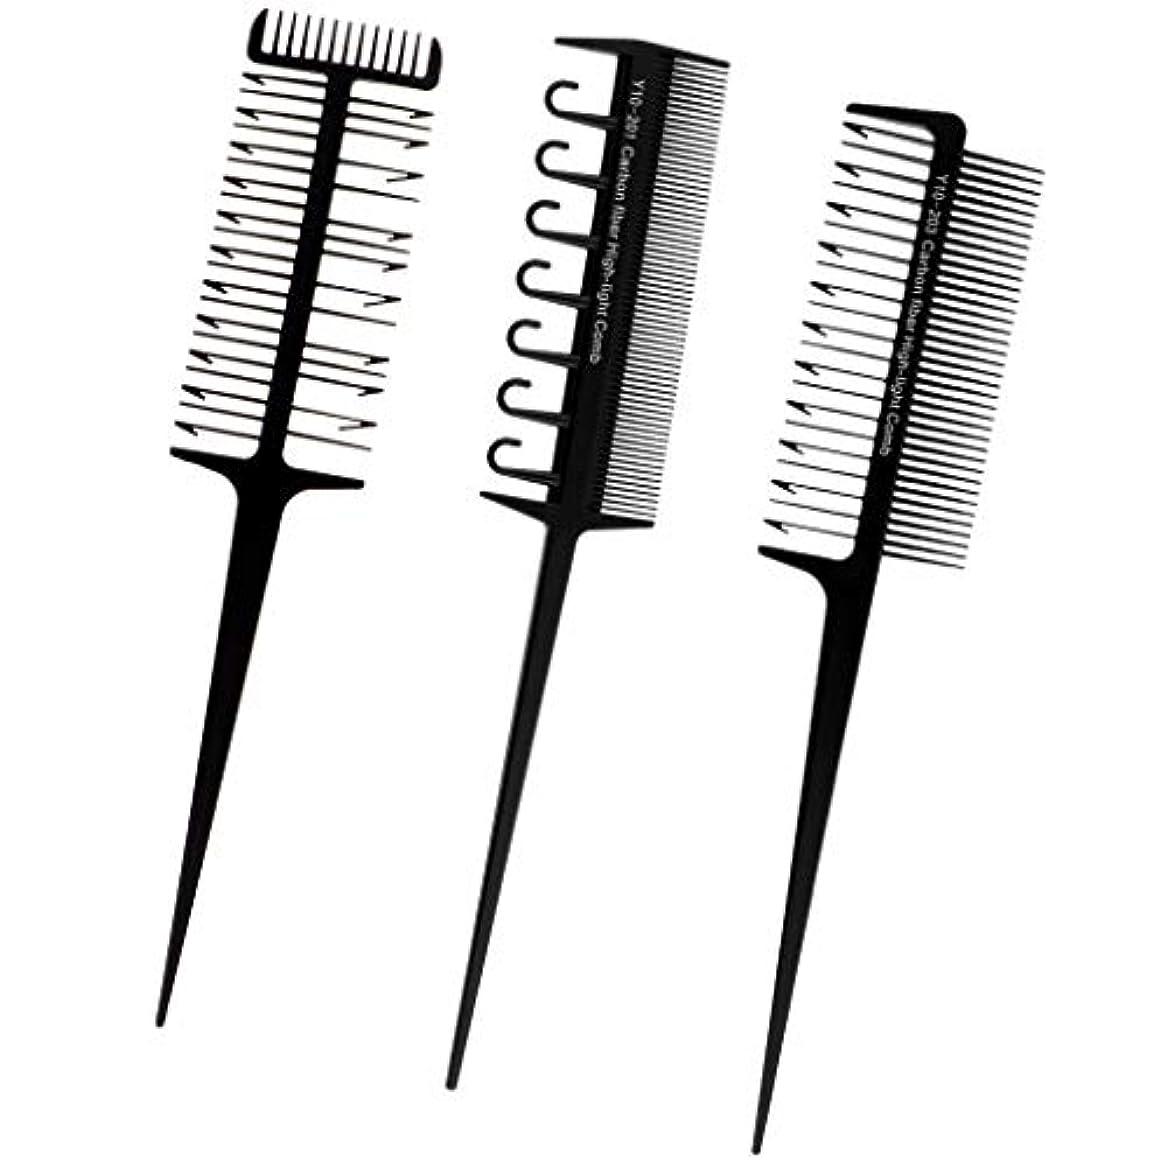 命令インフルエンザ欠如へアカラーセット 3本セット ヘアダイブラシ DIY髪染め用 サロン 美髪師用 ヘアカラーの用具